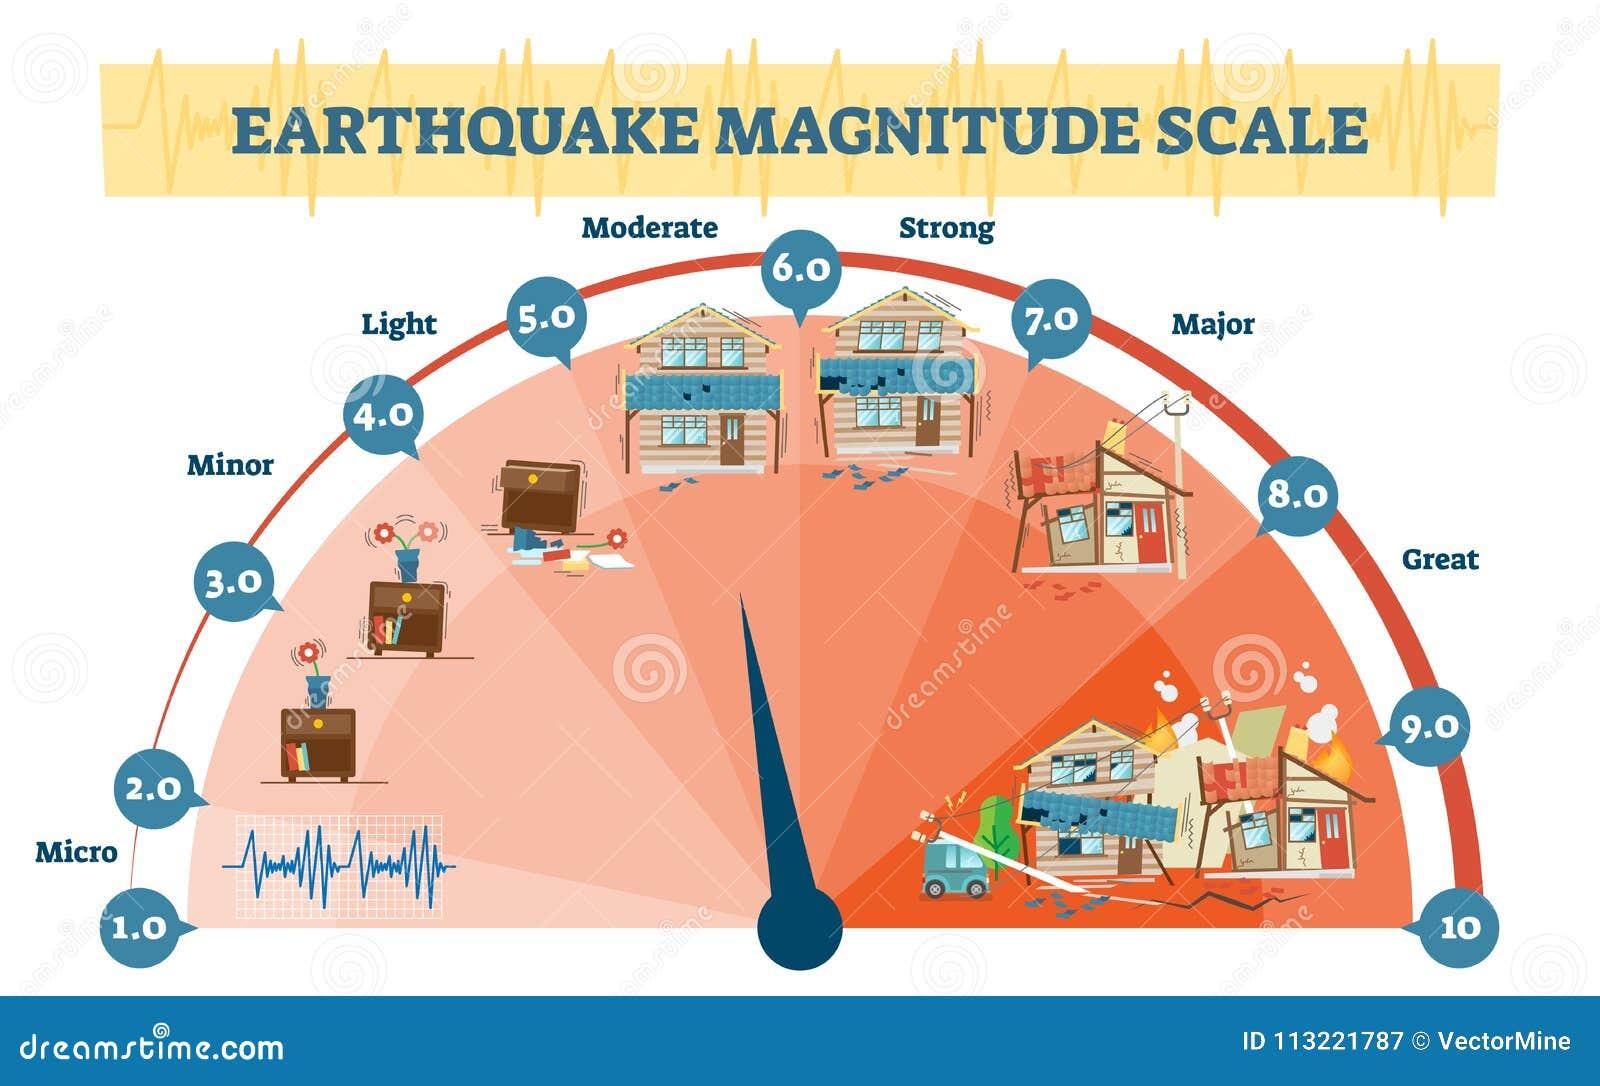 Jordskalvstorlek jämnar vektorillustrationdiagrammet, diagram för seismisk aktivitet för den Richter skalan